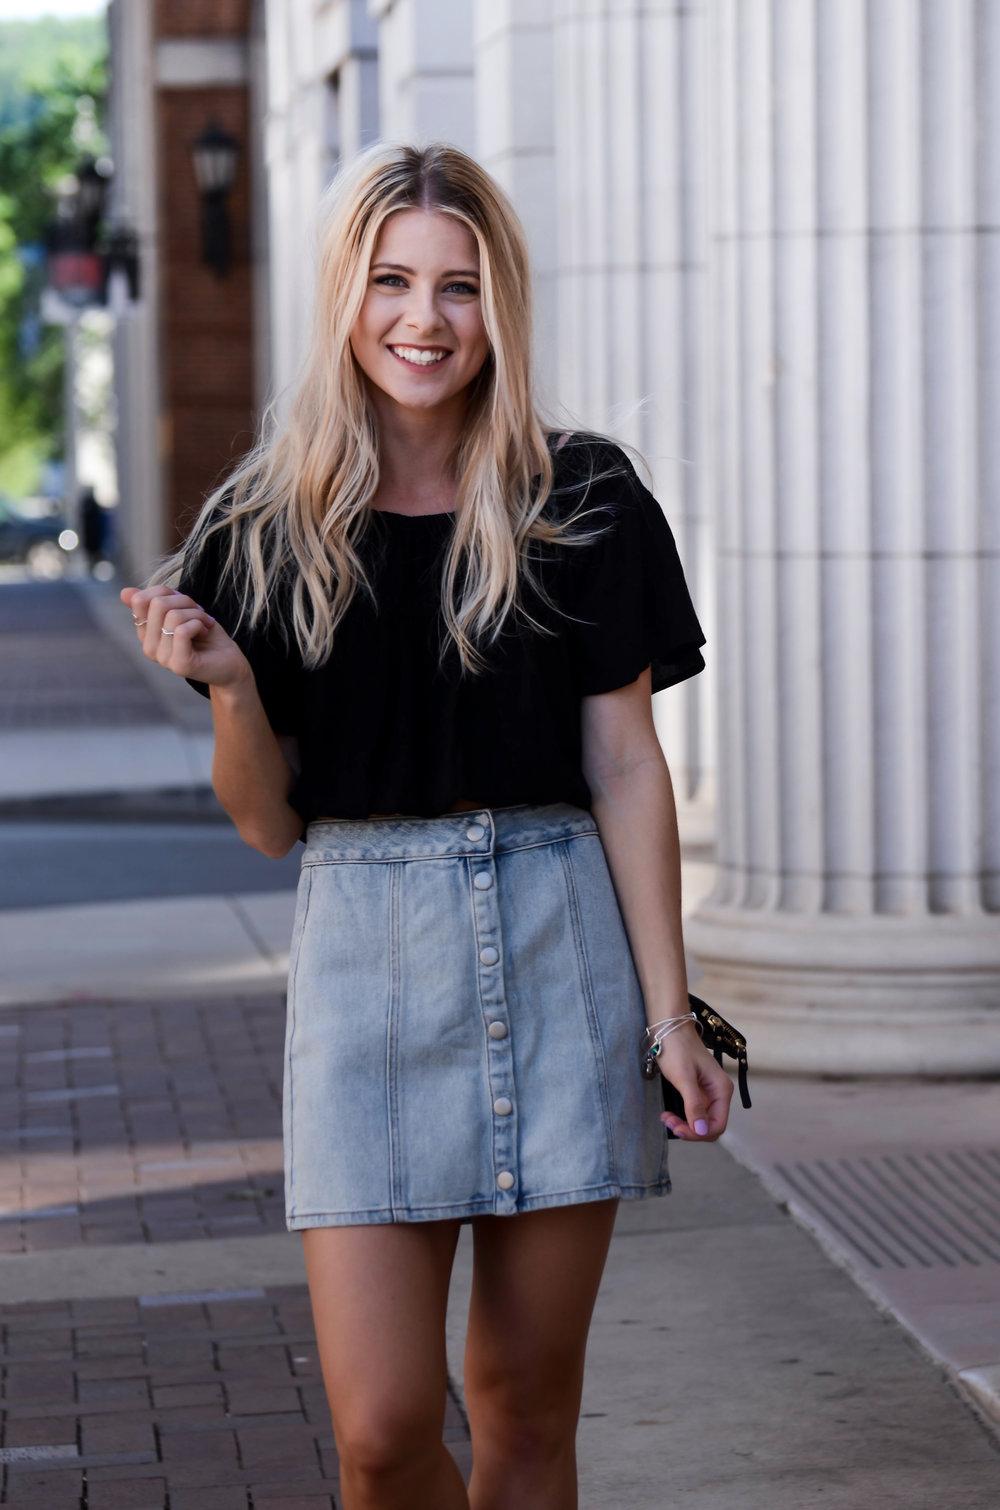 Denim Skirt Black Top-7.jpg